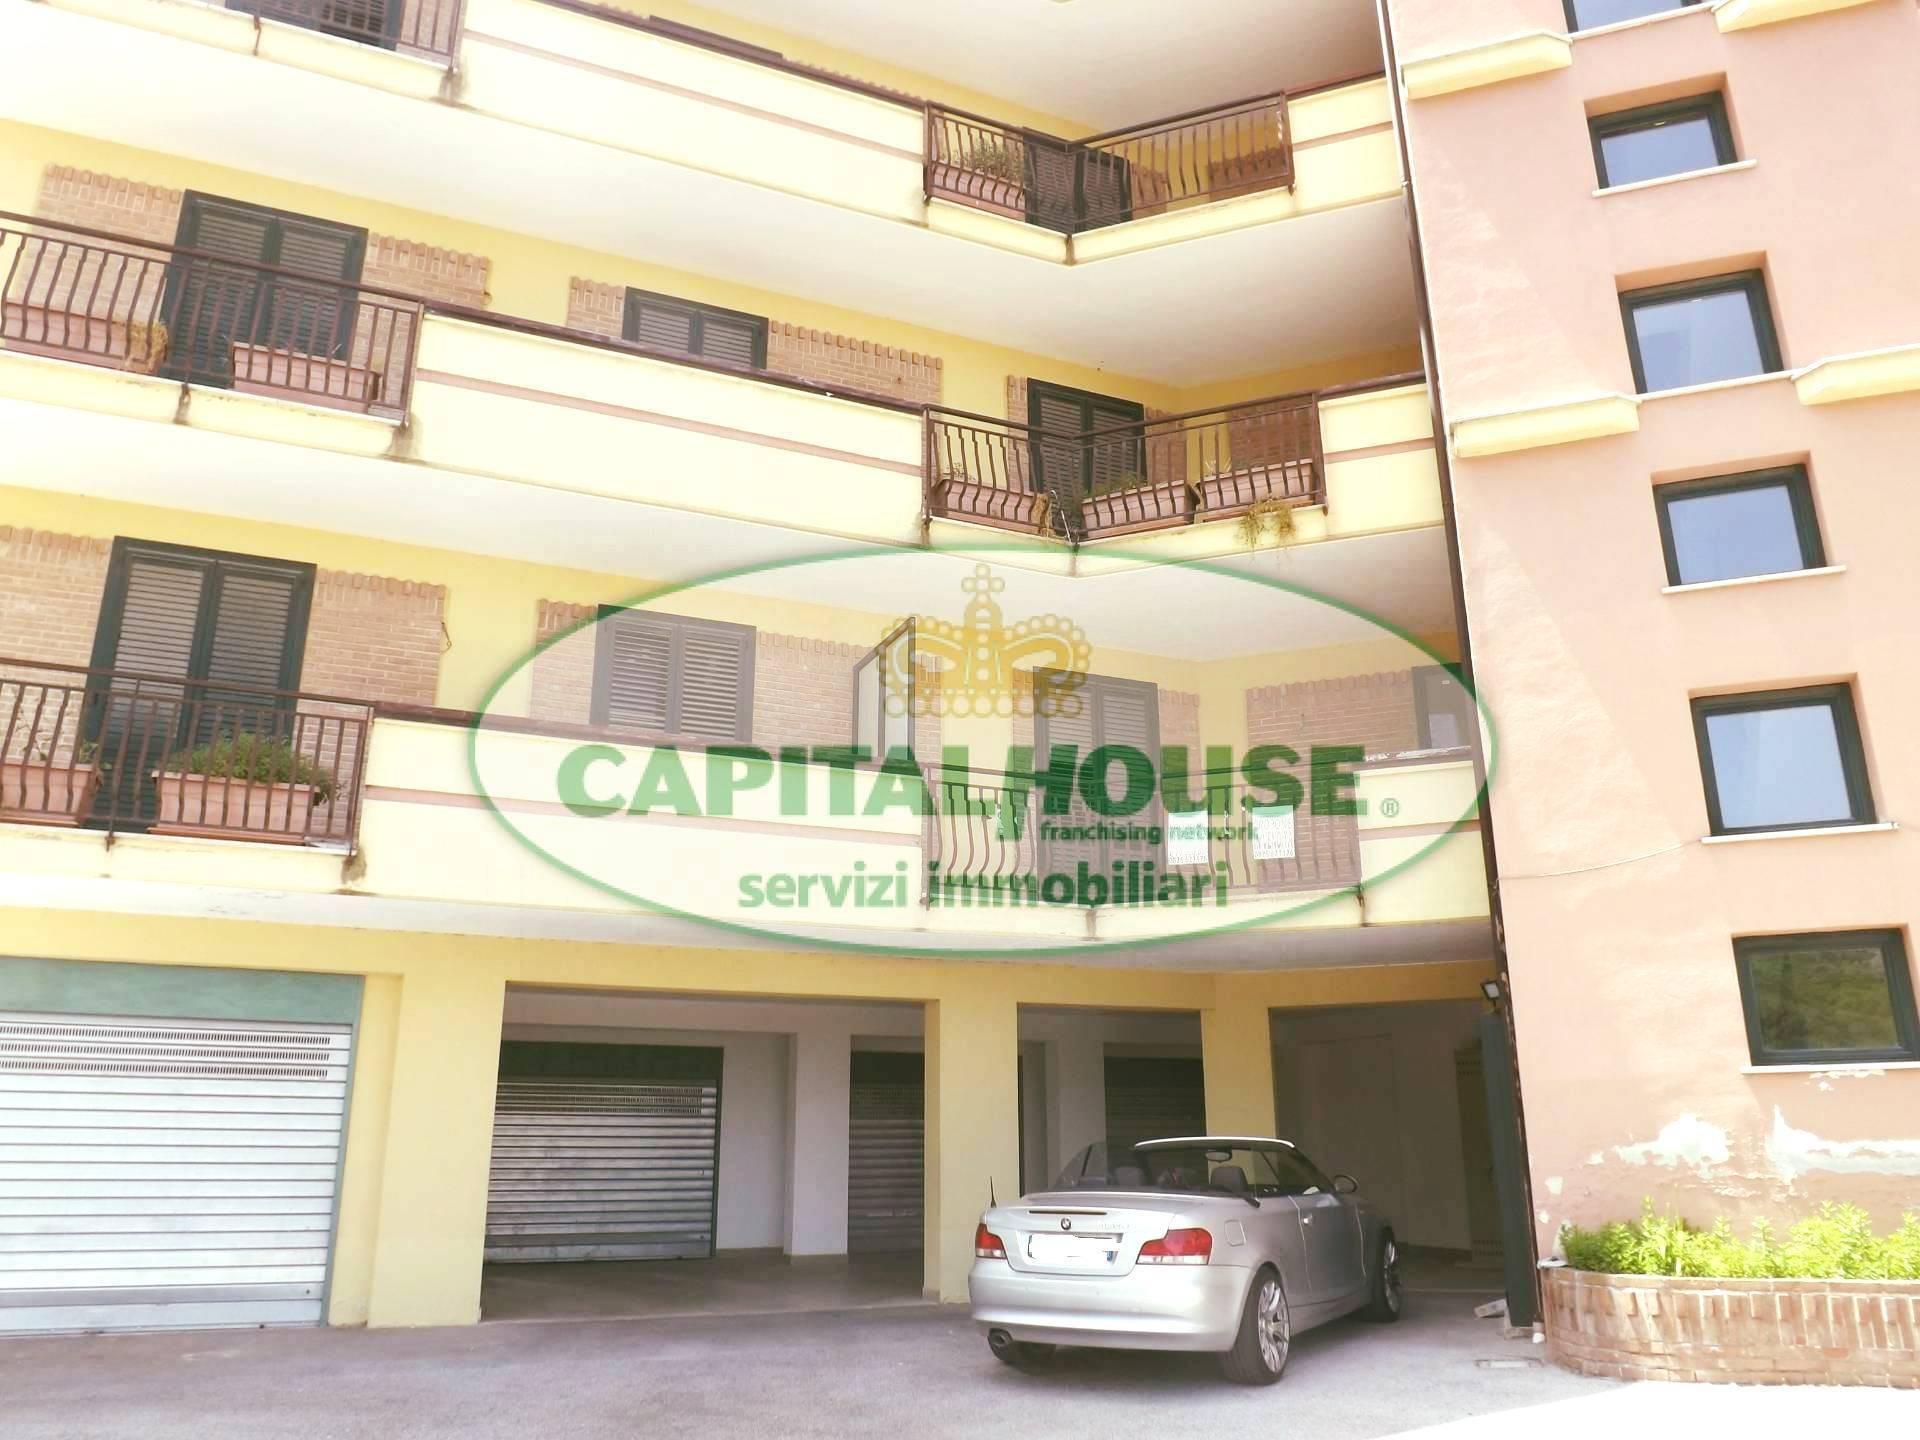 Appartamento in vendita a Chiusano di San Domenico, 3 locali, prezzo € 69.000 | PortaleAgenzieImmobiliari.it